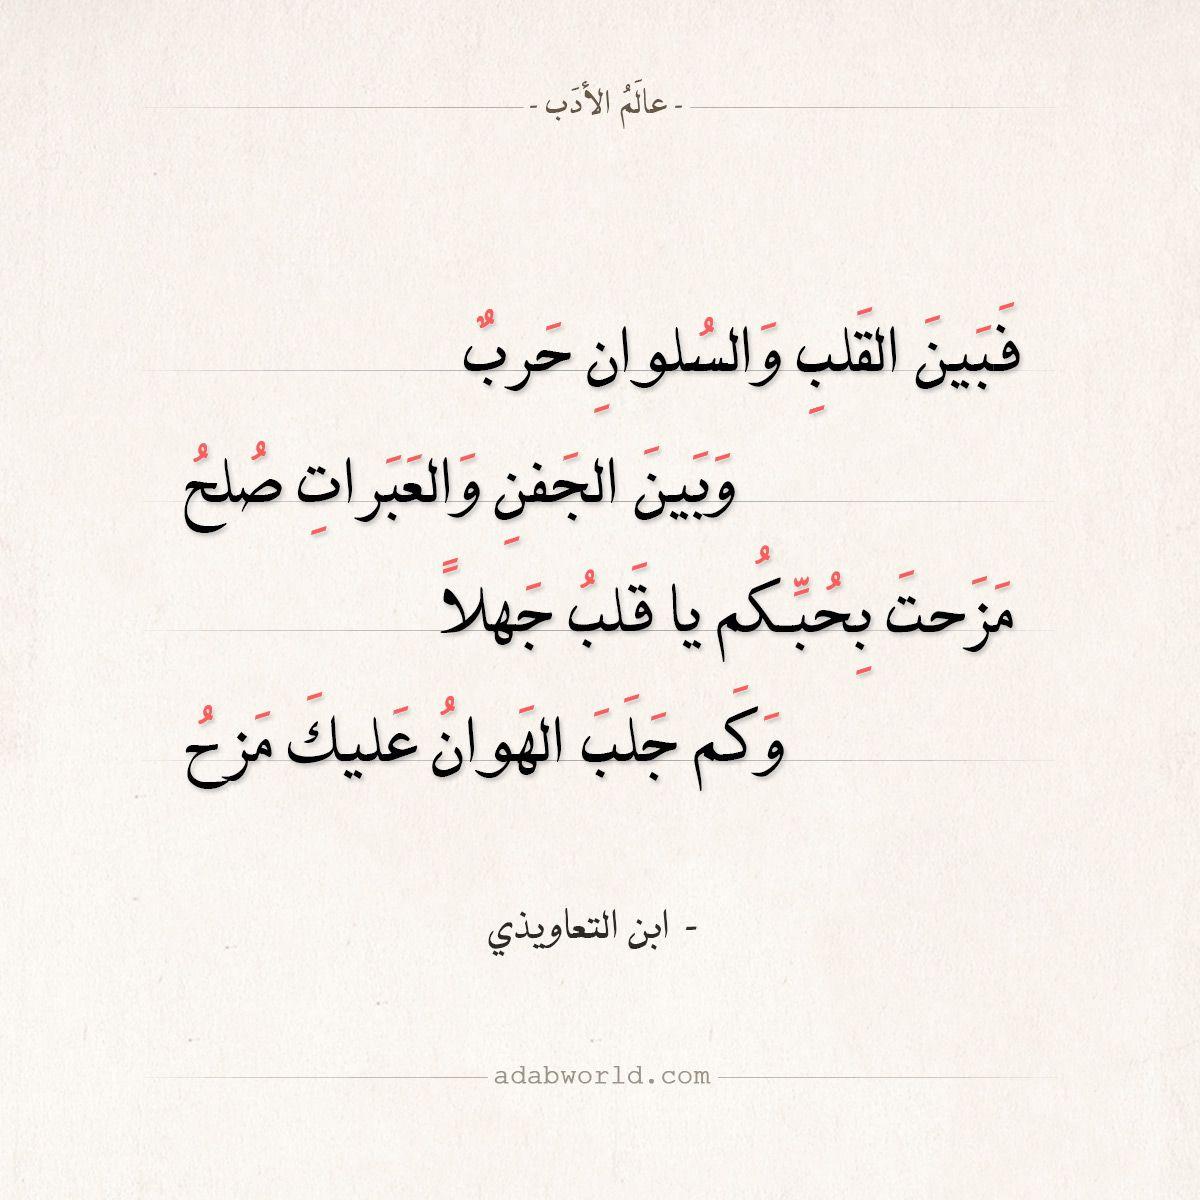 شعر سبط ابن التعاويذي عليل الشوق فيك متى يصح عالم الأدب Literature Quotes Math